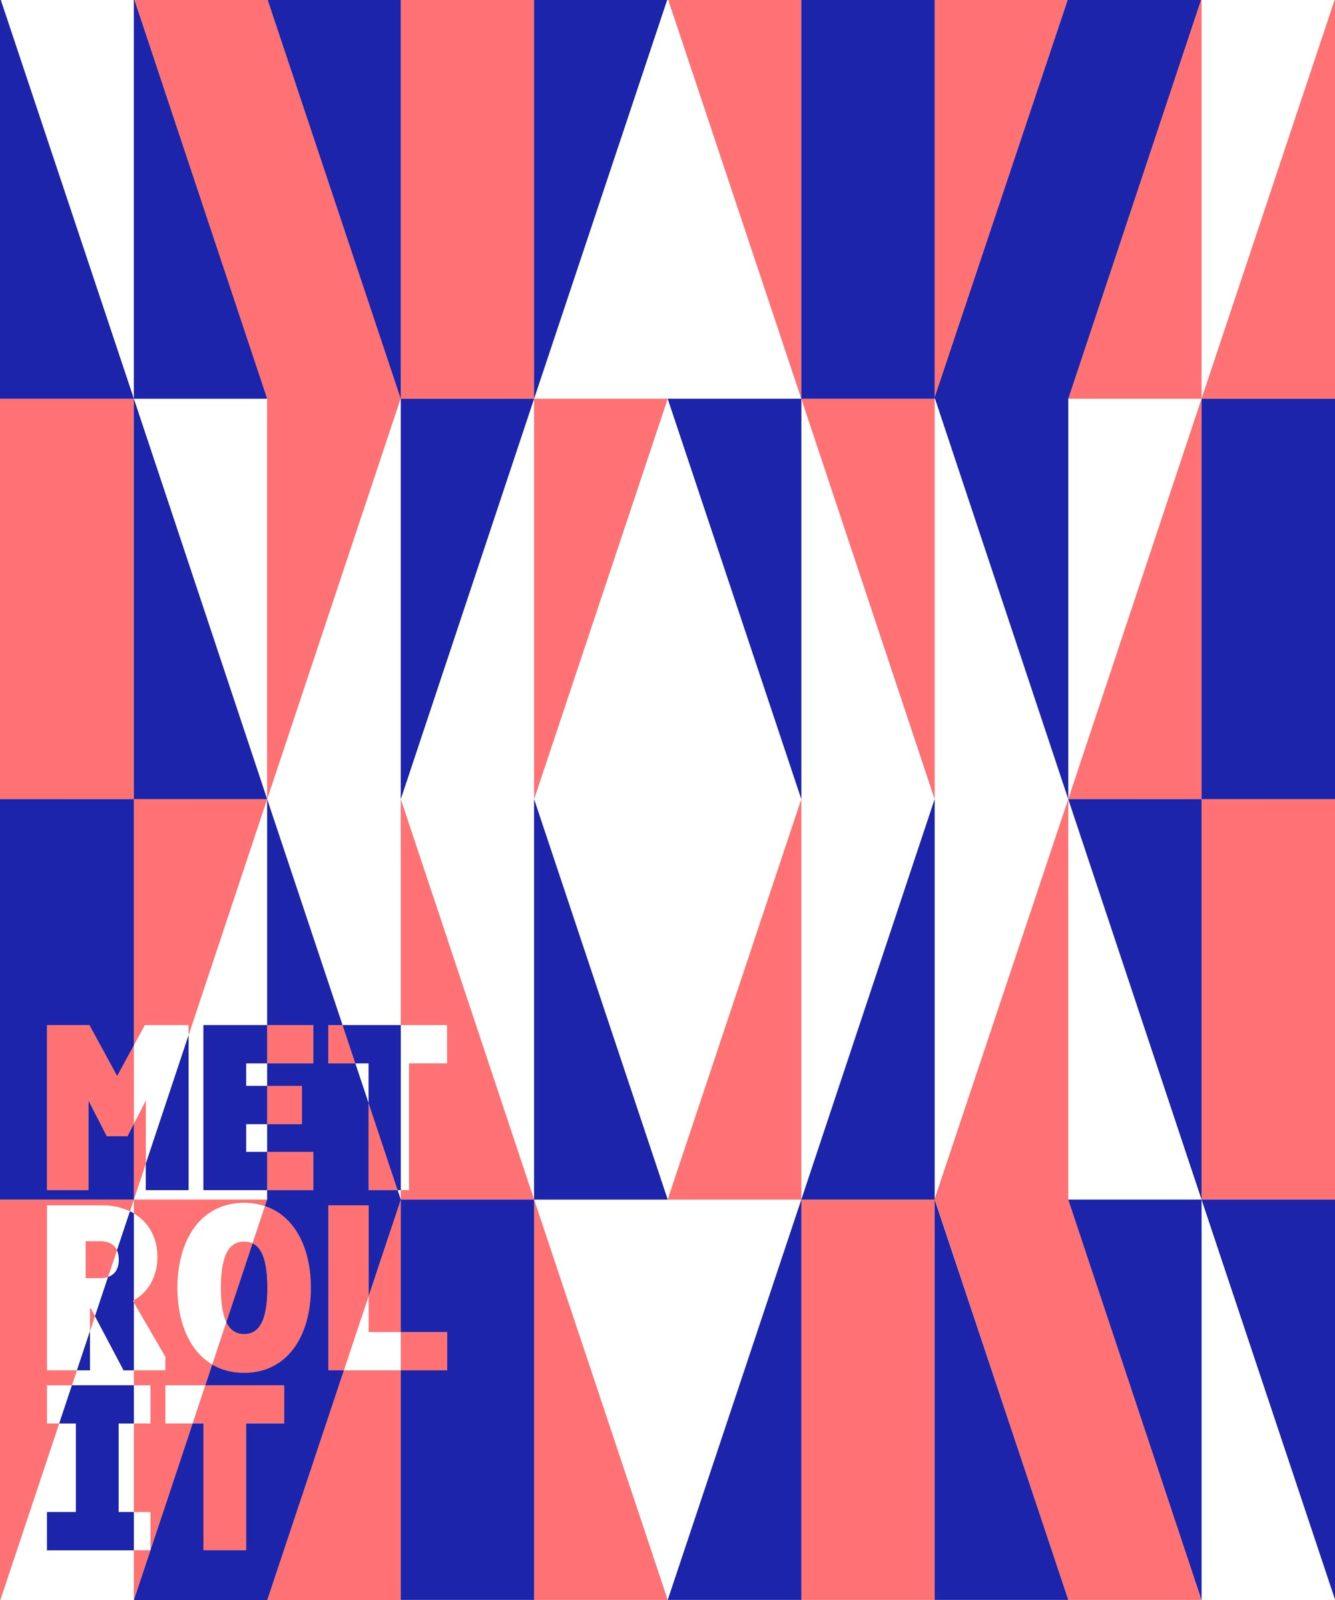 Editienne Grafikdesign - Kommunikationsdesign Berlin- Editorial Design Buchvorschaugestaltung Metrolit Magazin 25